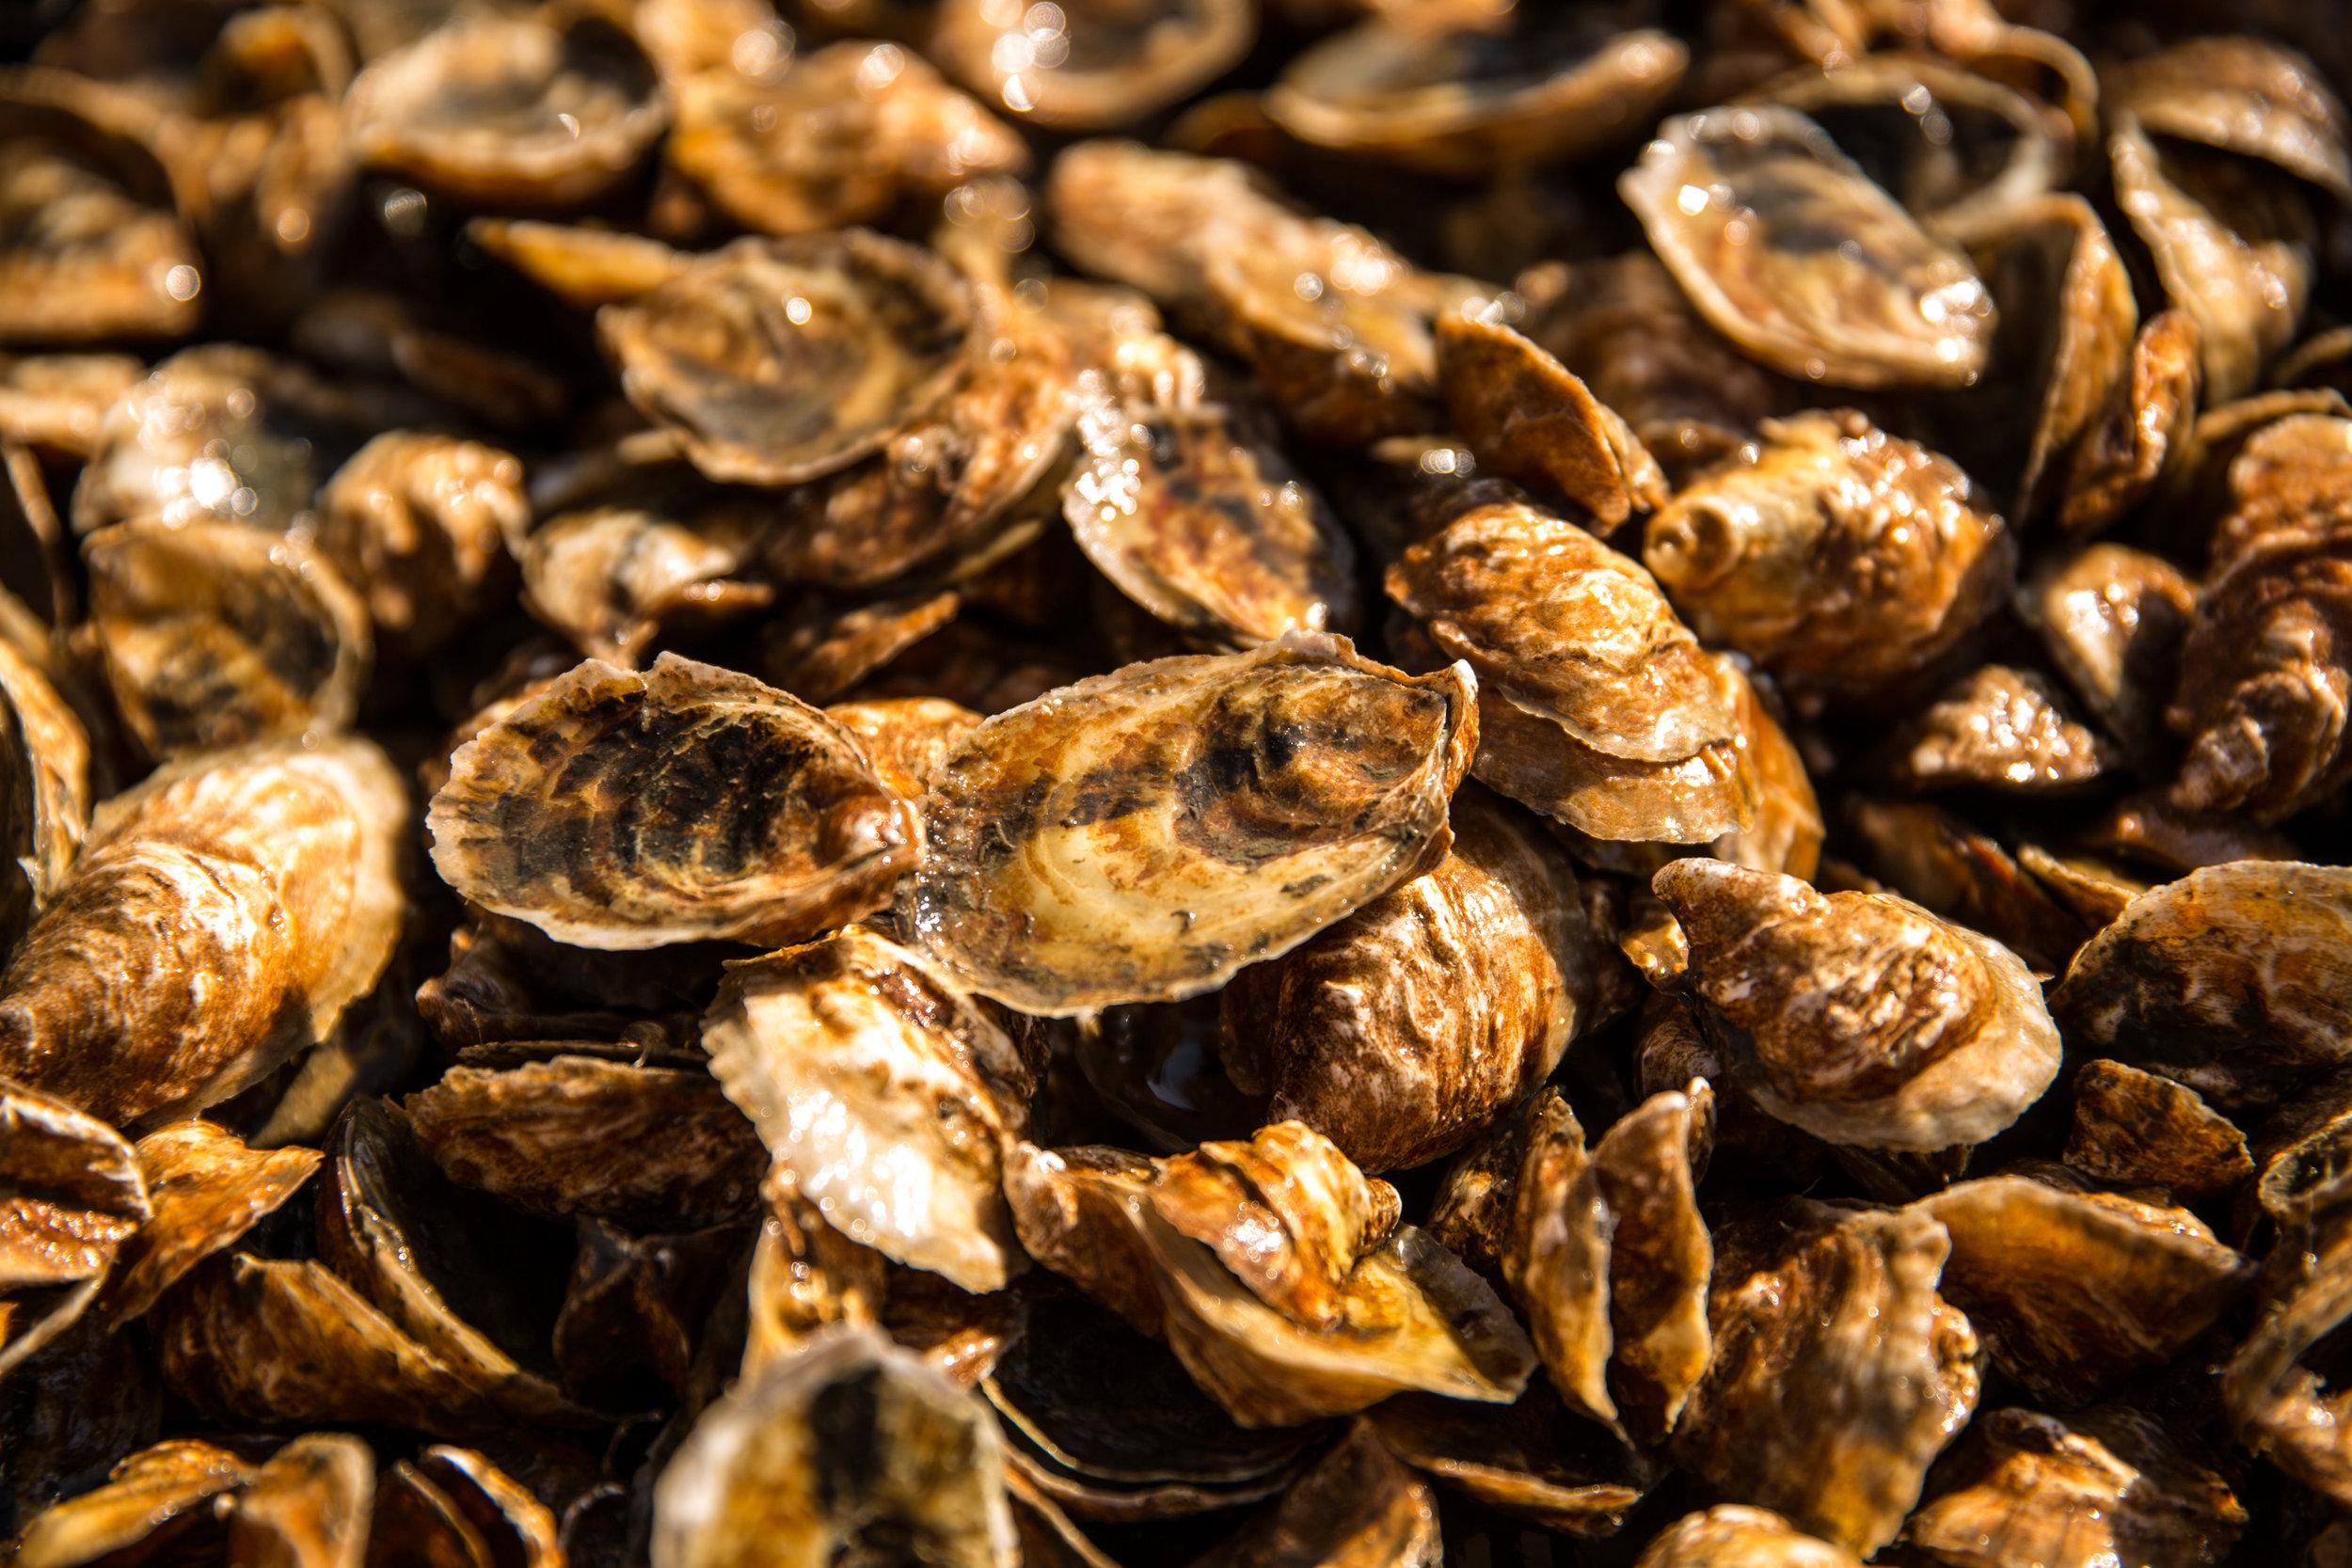 Stella Mar Oysters. Source: www.stellamaroysters.com